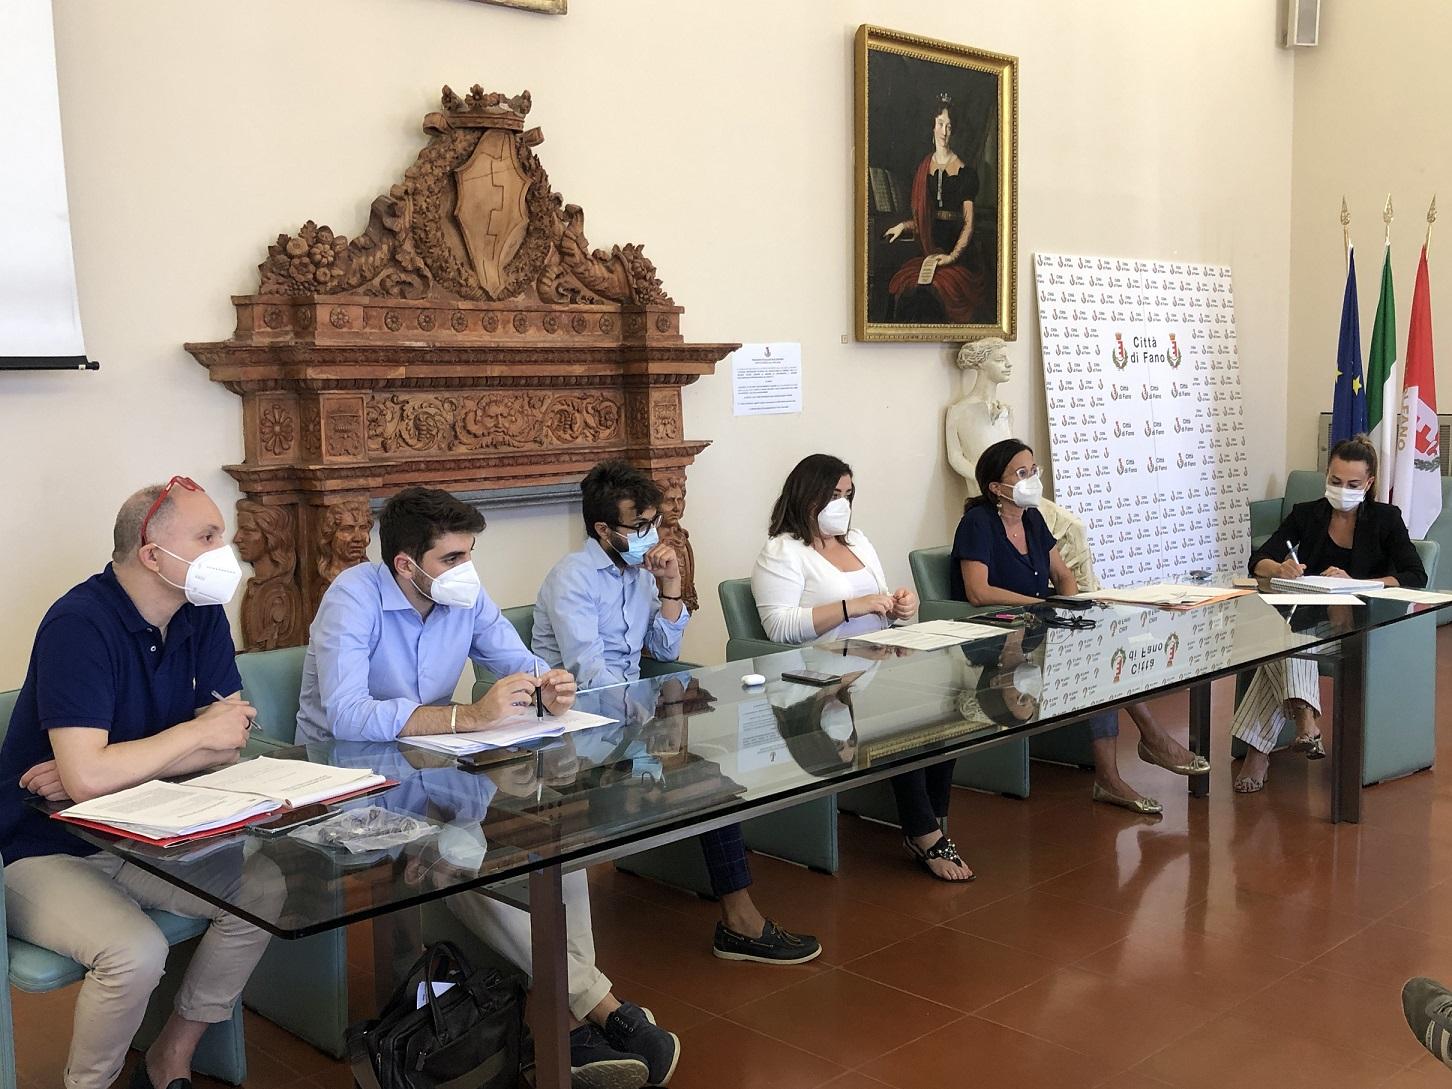 Ieri l'incontro degli assessori Cucchiarini e Pozzi con i rappresentanti delle attività economiche per siglare «una convergenza d'azioni basata sul dialogo»